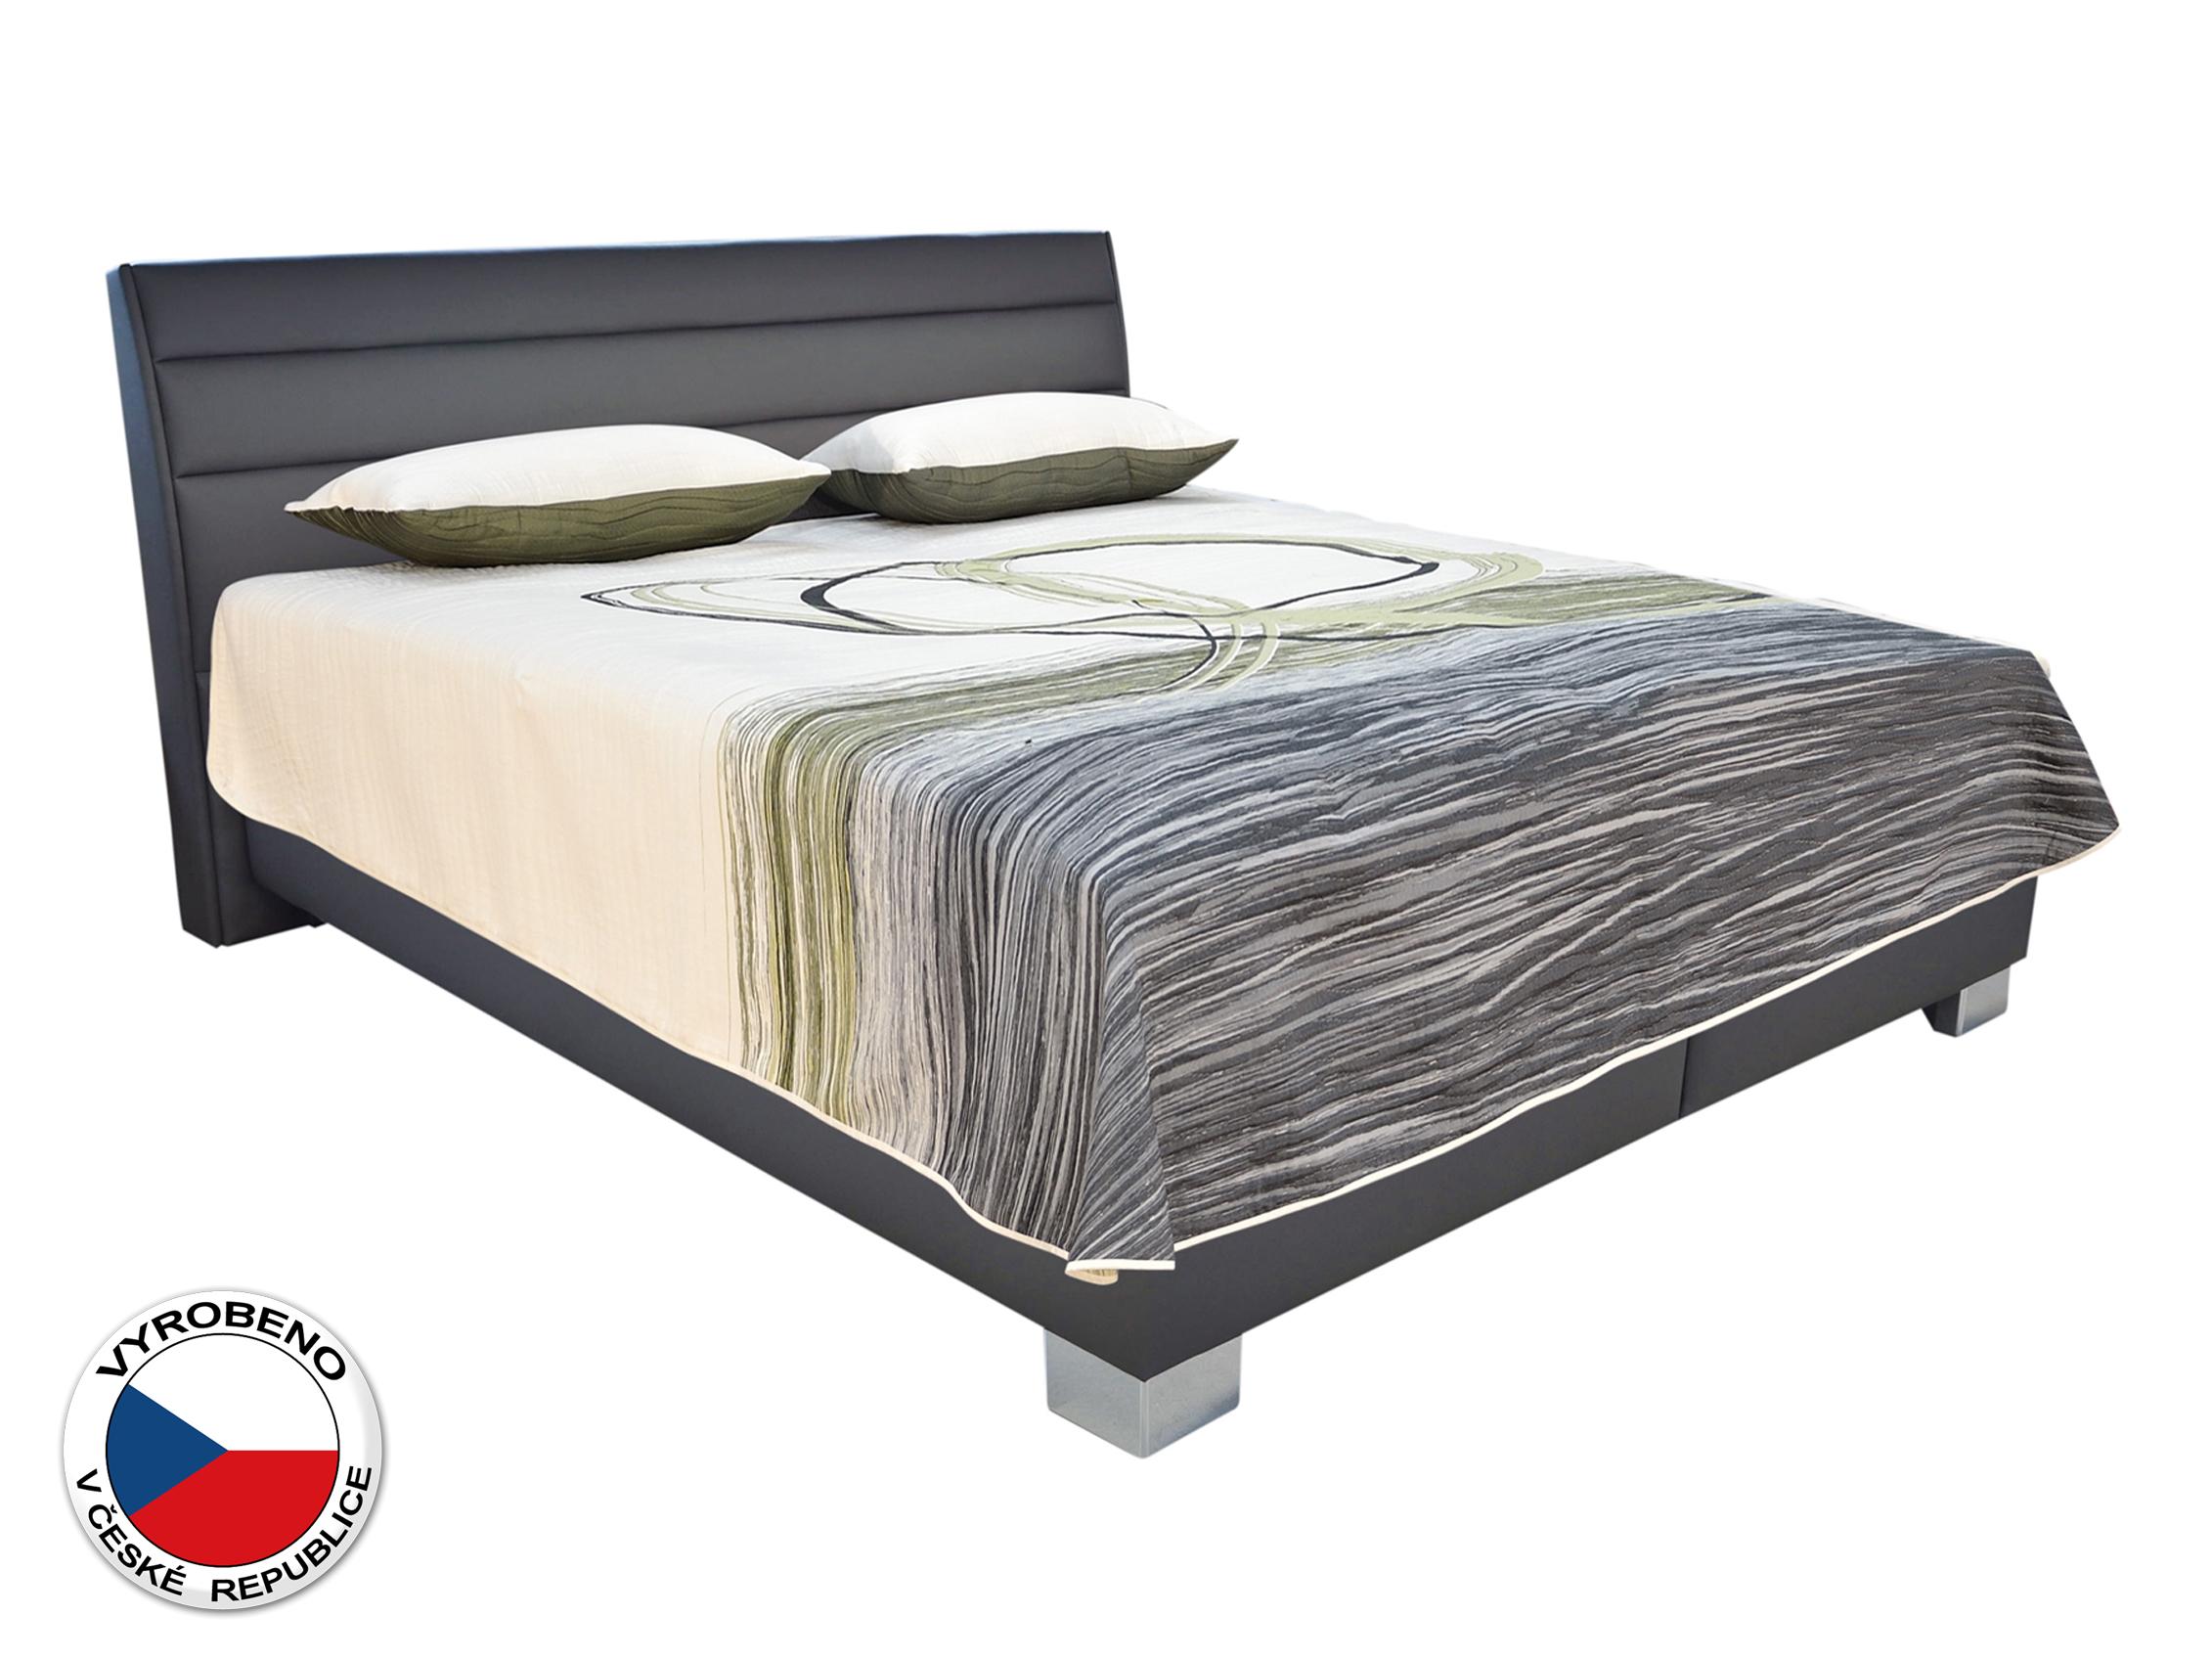 Manželská postel 180 cm - Blanář - Vernon (bílá + šedá) (s rošty a matracemi Nelly)